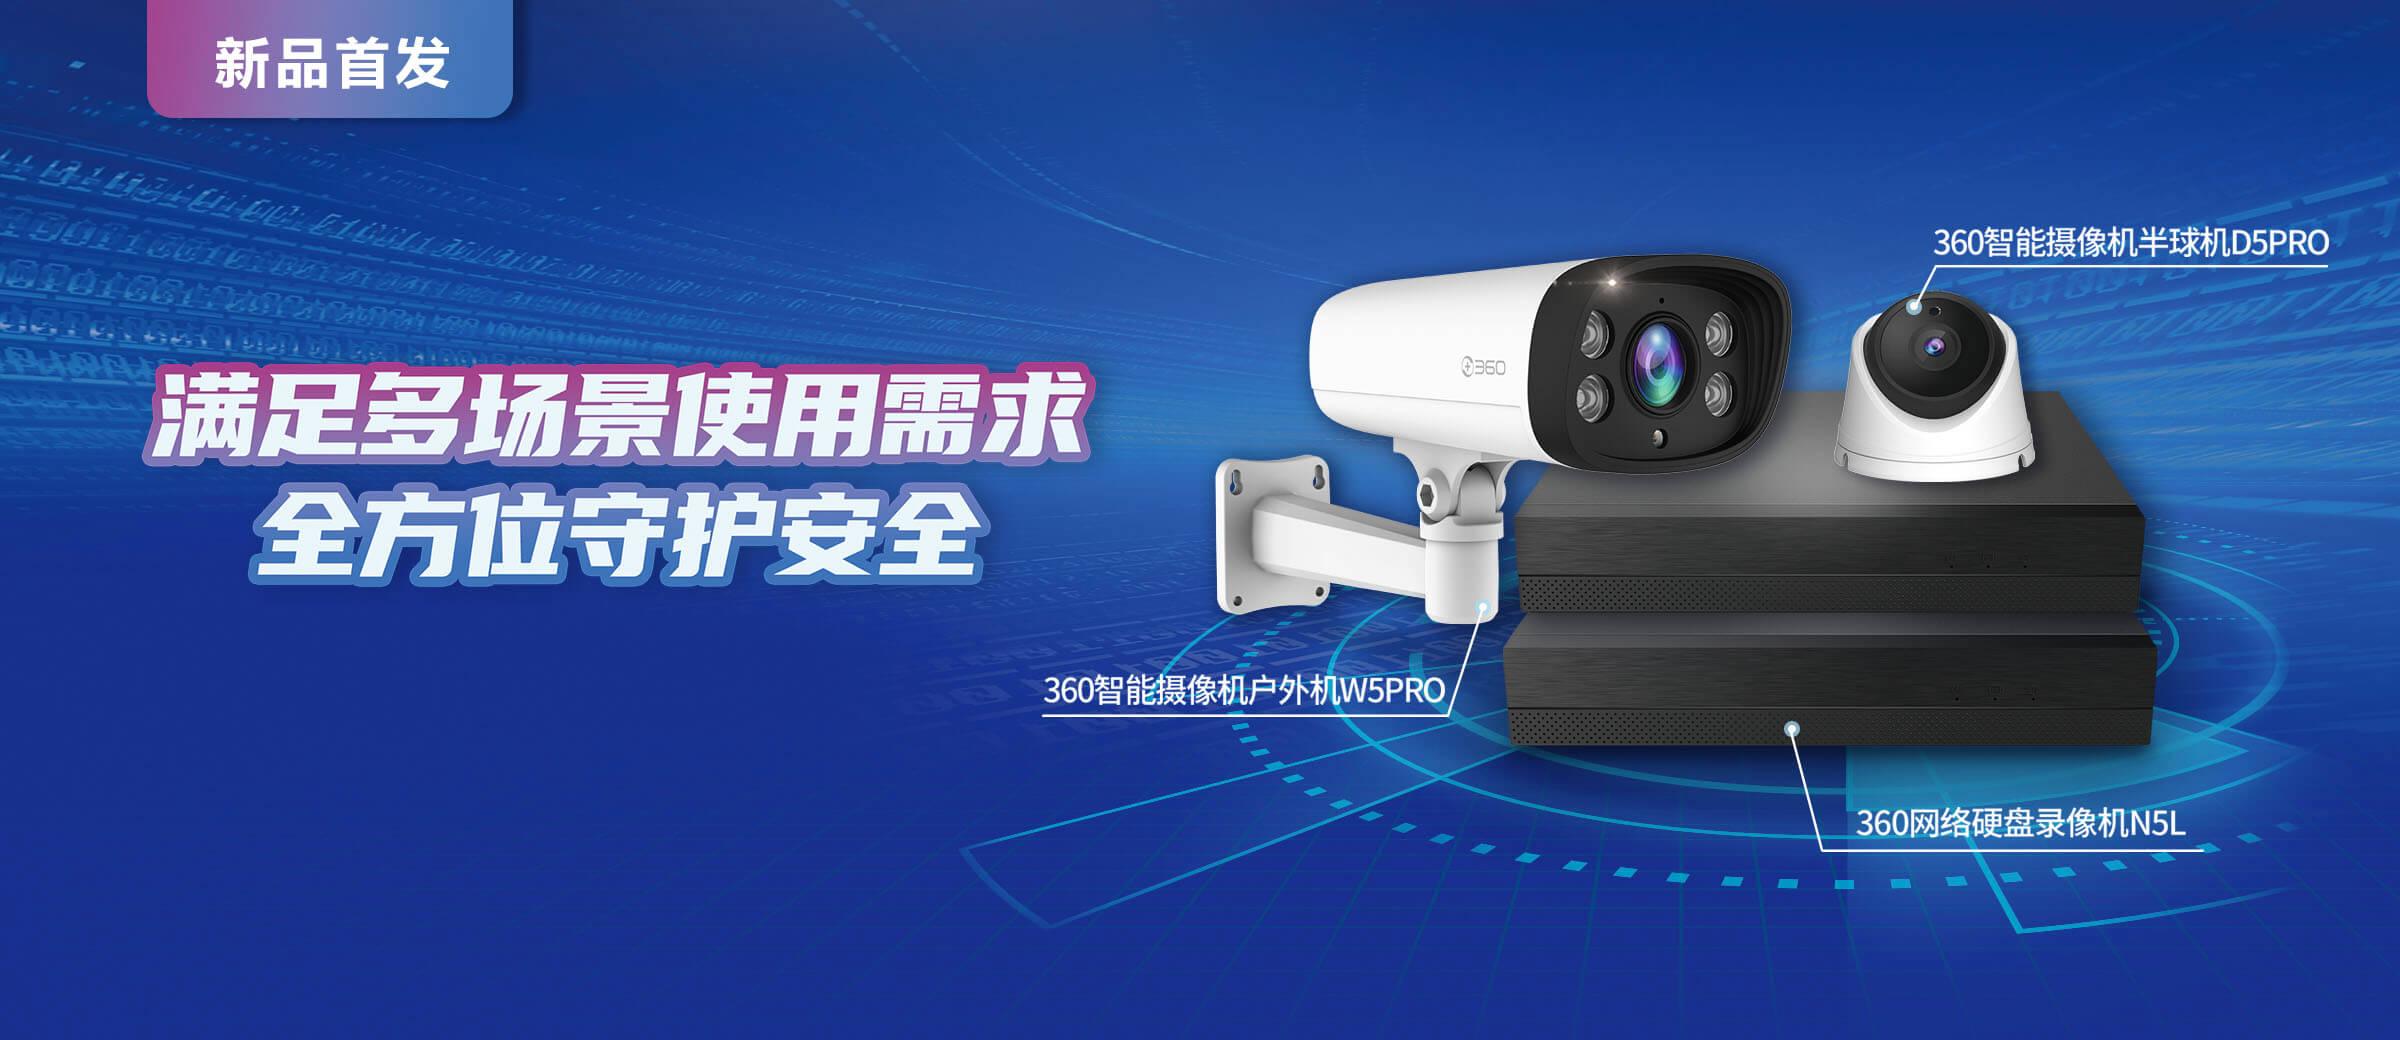 线下产品 摄像机新品